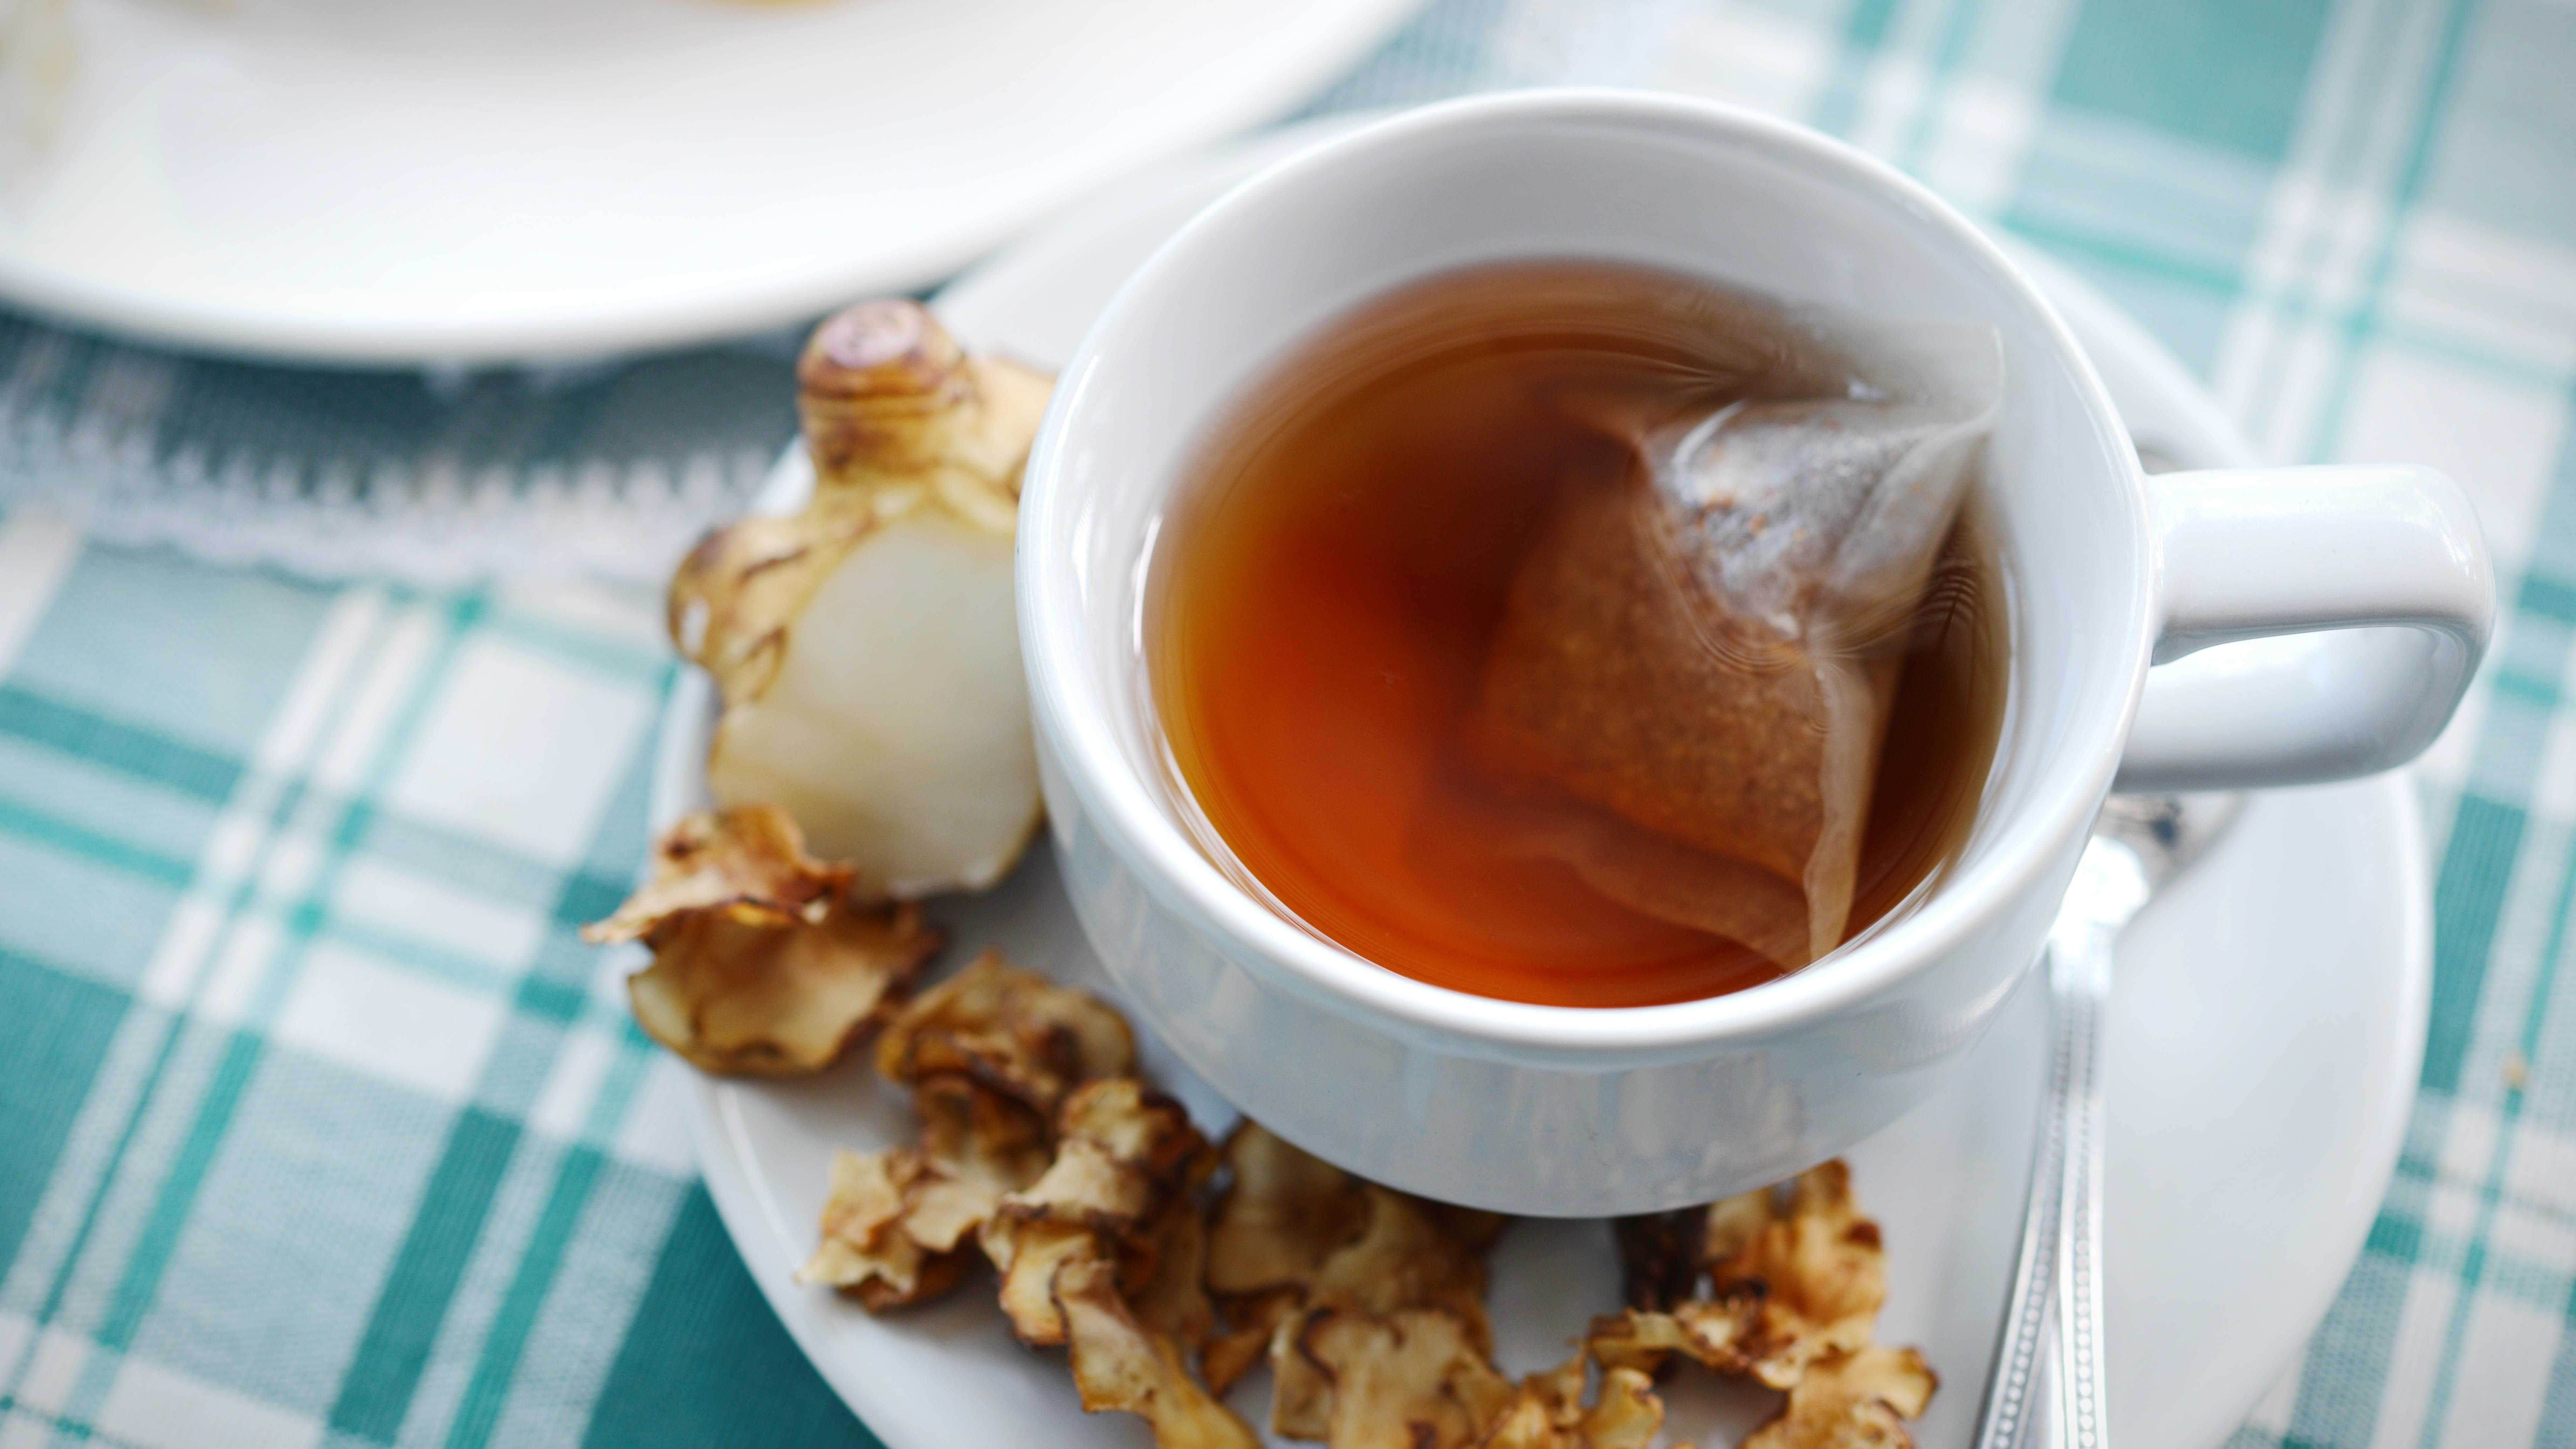 Czy torebki od herbaty mogą zawierać substancje toksyczne